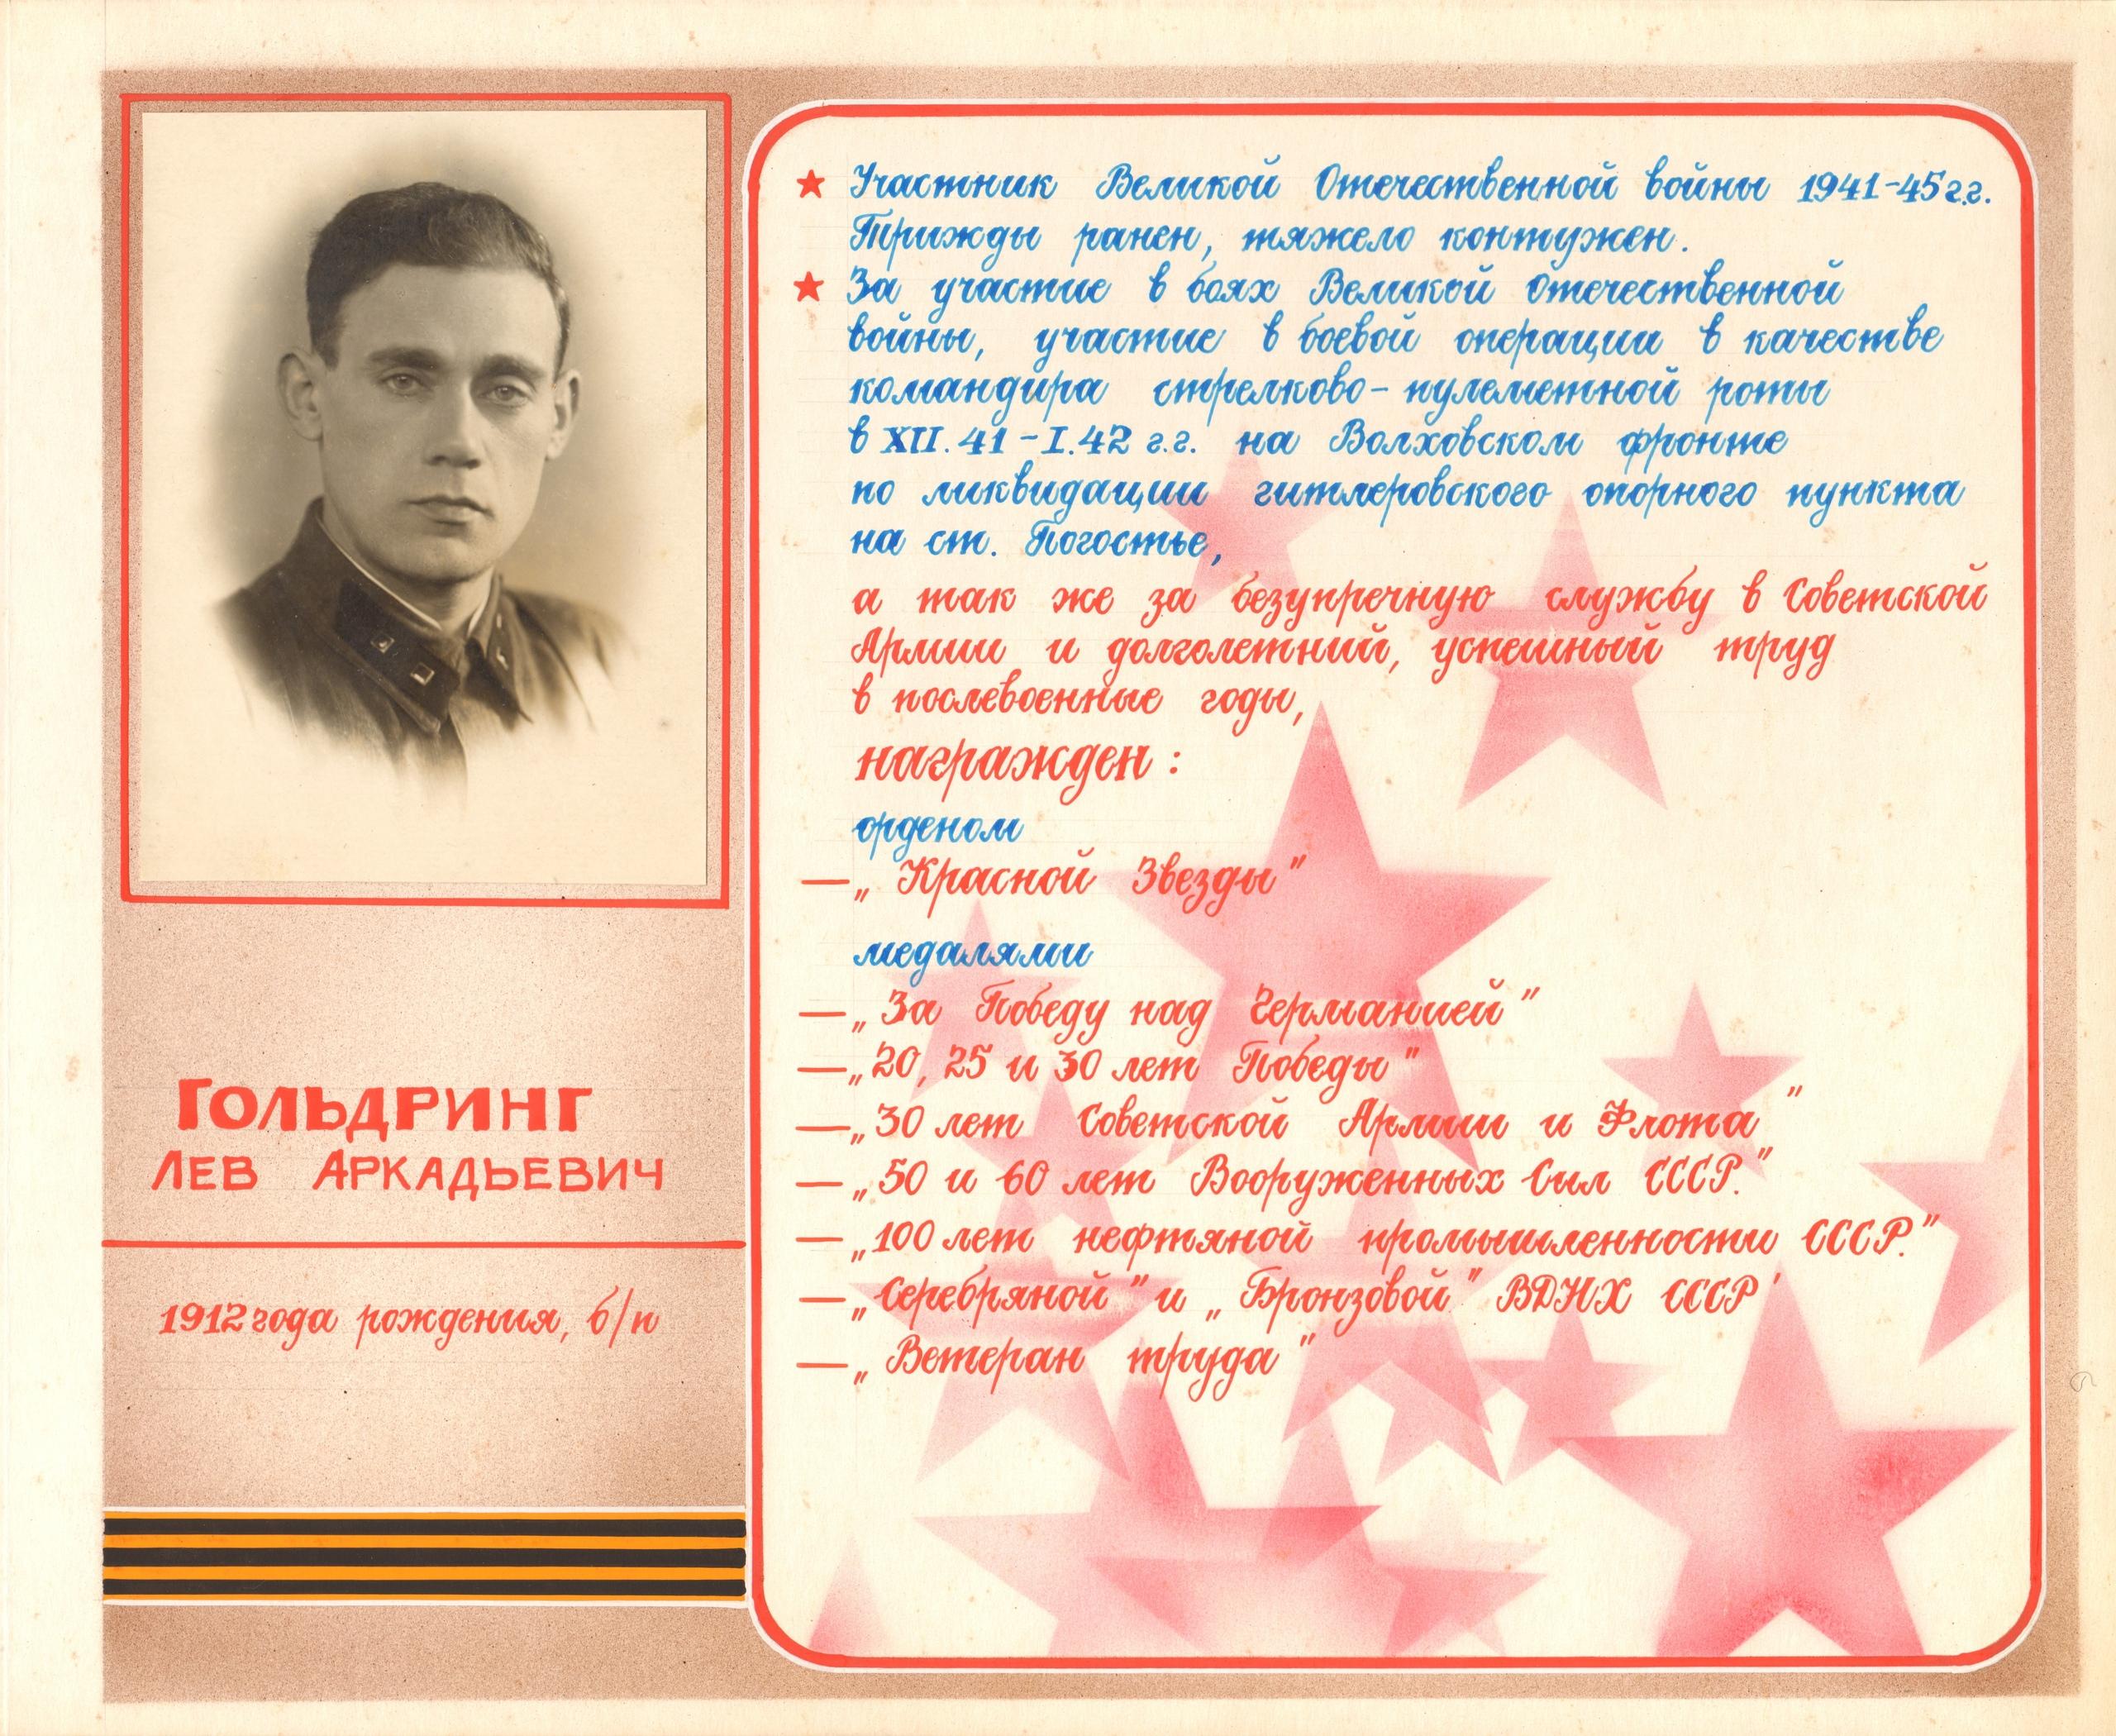 Гольдринг Лев Аркадьевич